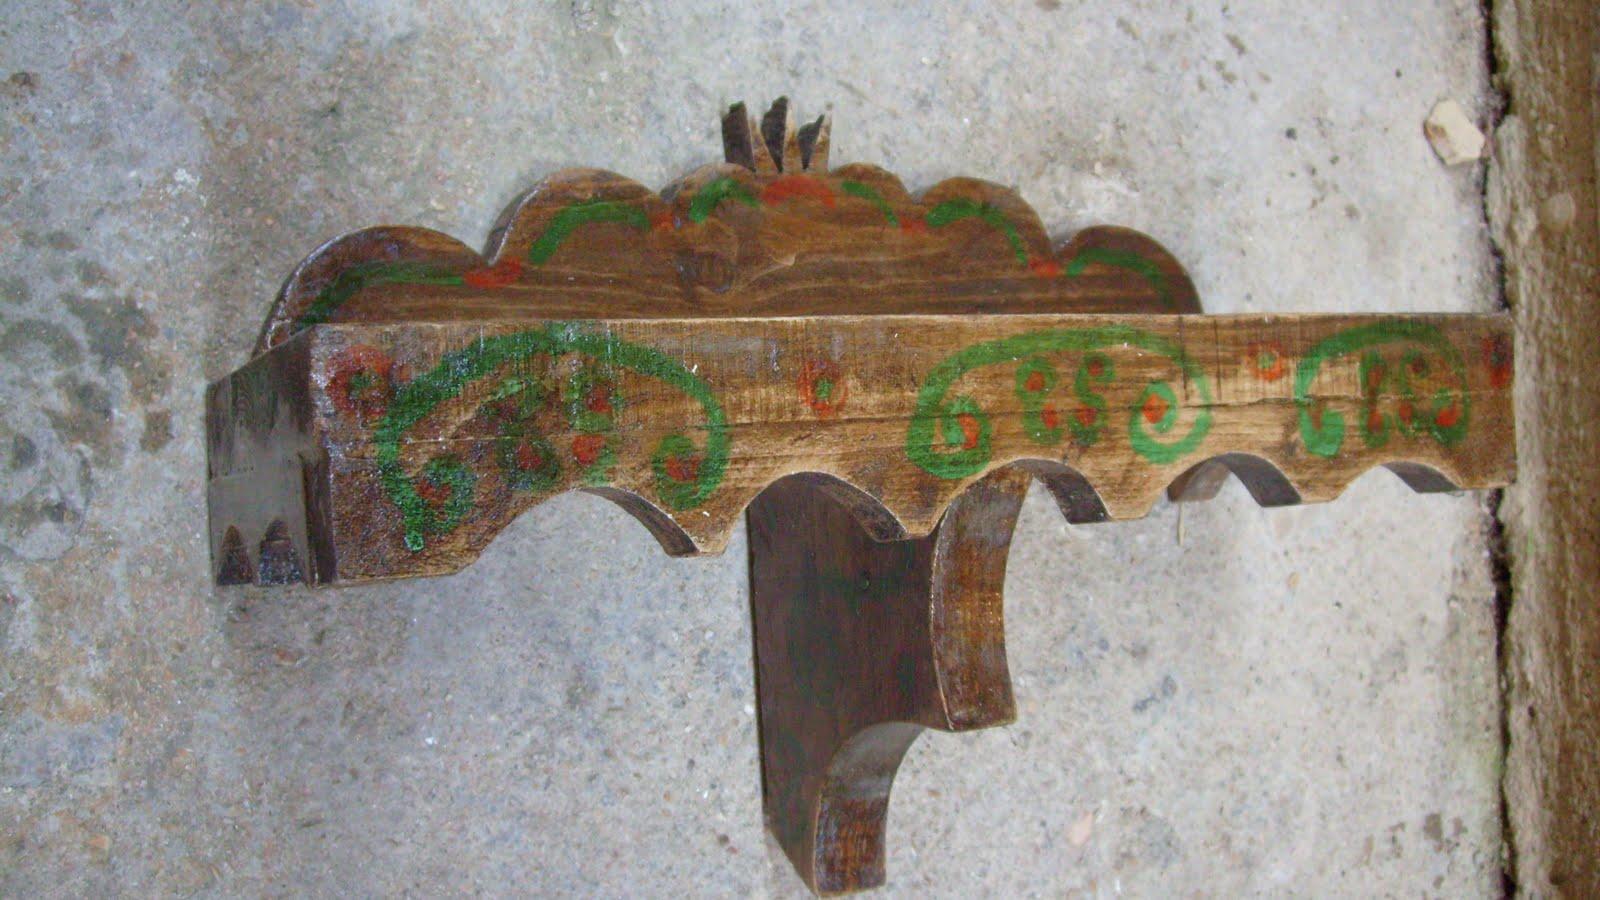 Casas rústicas con muebles mexicanos Foros de TELVA  - fotos de muebles rusticos mexicanos